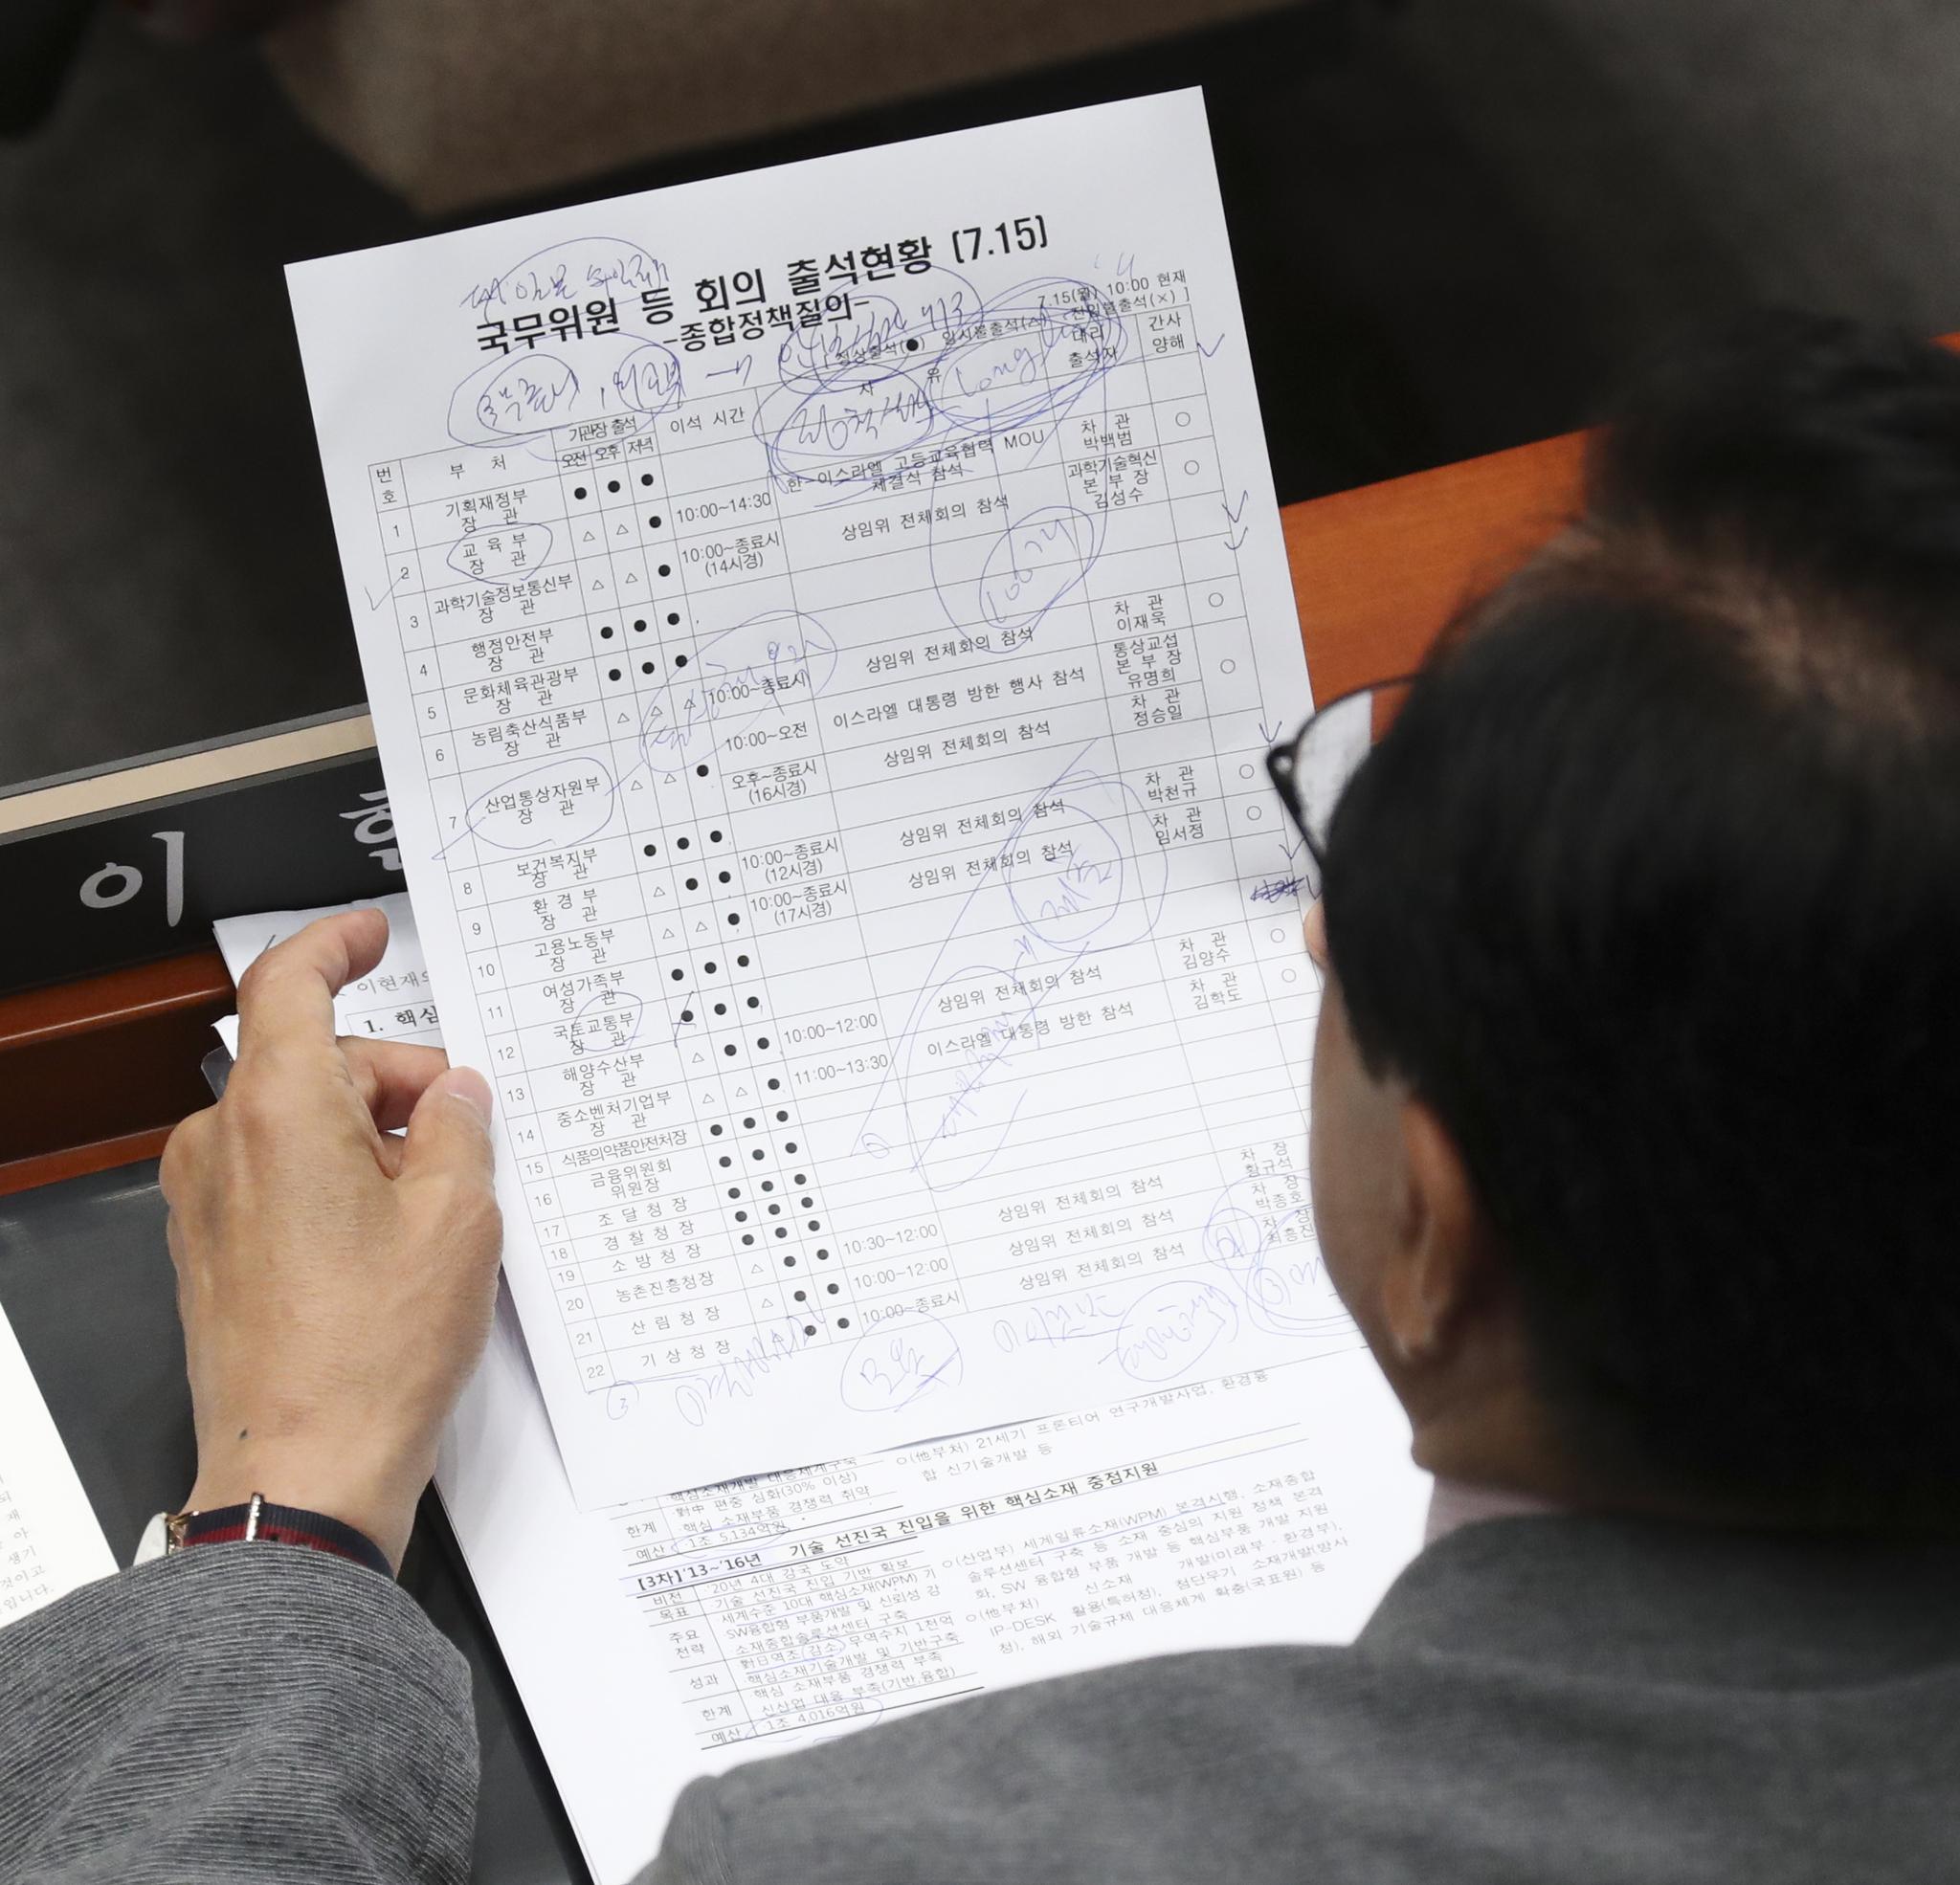 이현재 자유한국당 의원이 장관들의 부재에 대해 항의하고 있다.  임현동 기자